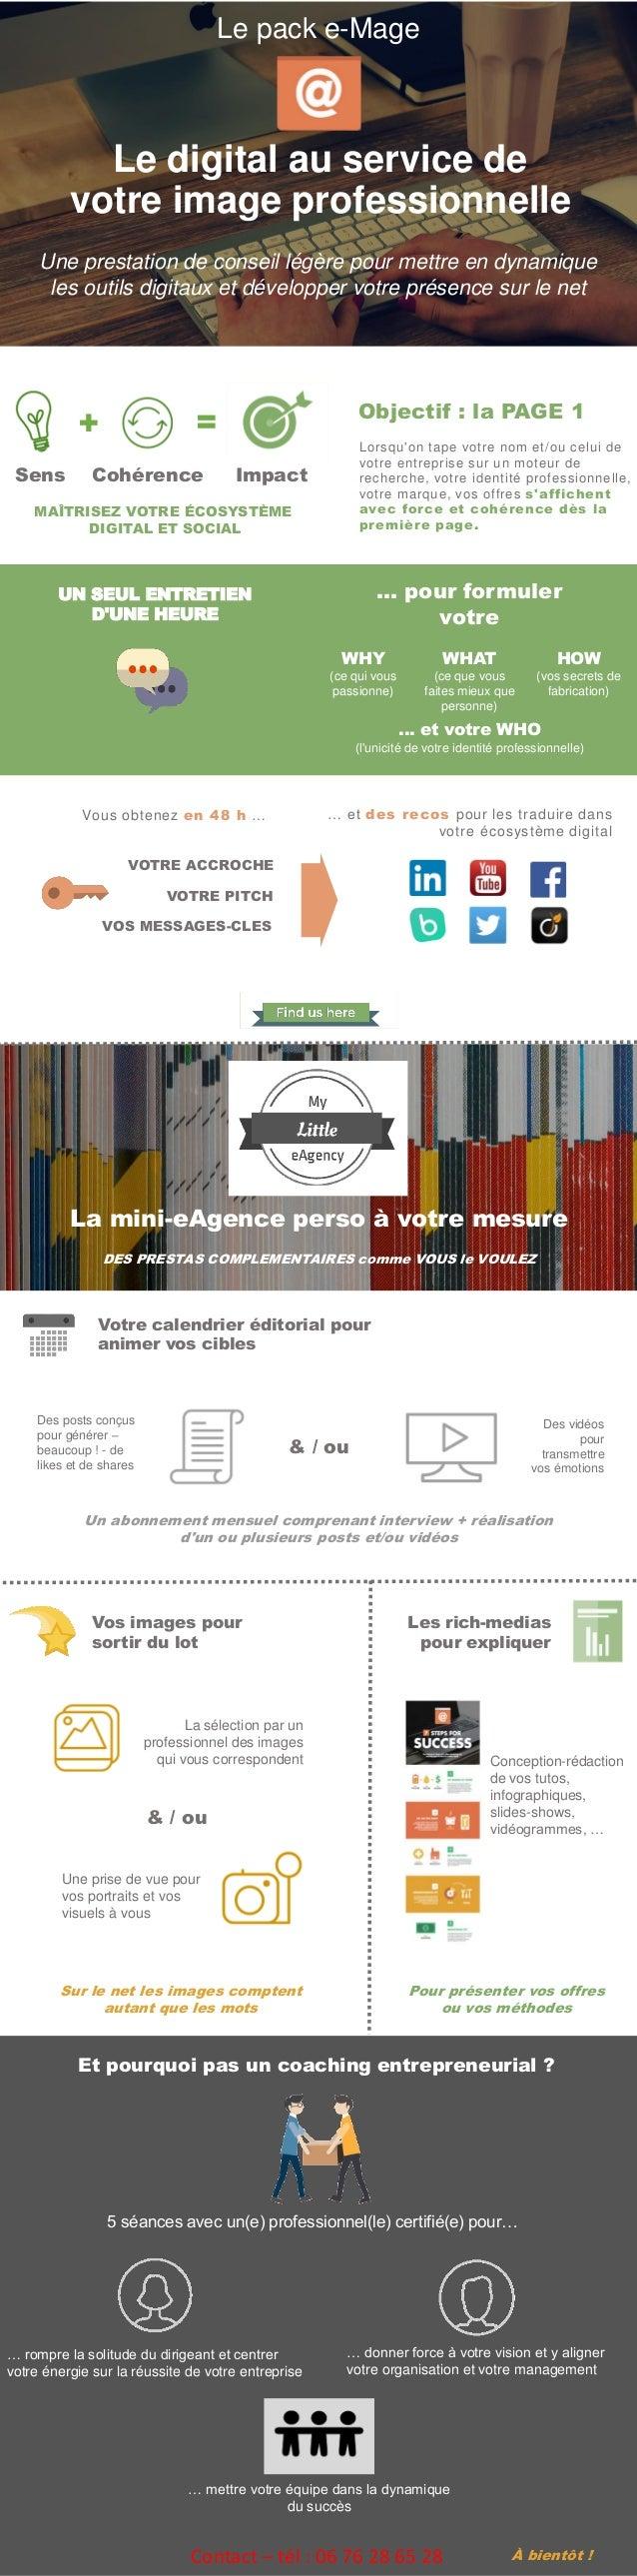 Le pack e-Mage Le digital au service de votre image professionnelle Une prestation de conseil légère pour mettre en dynami...